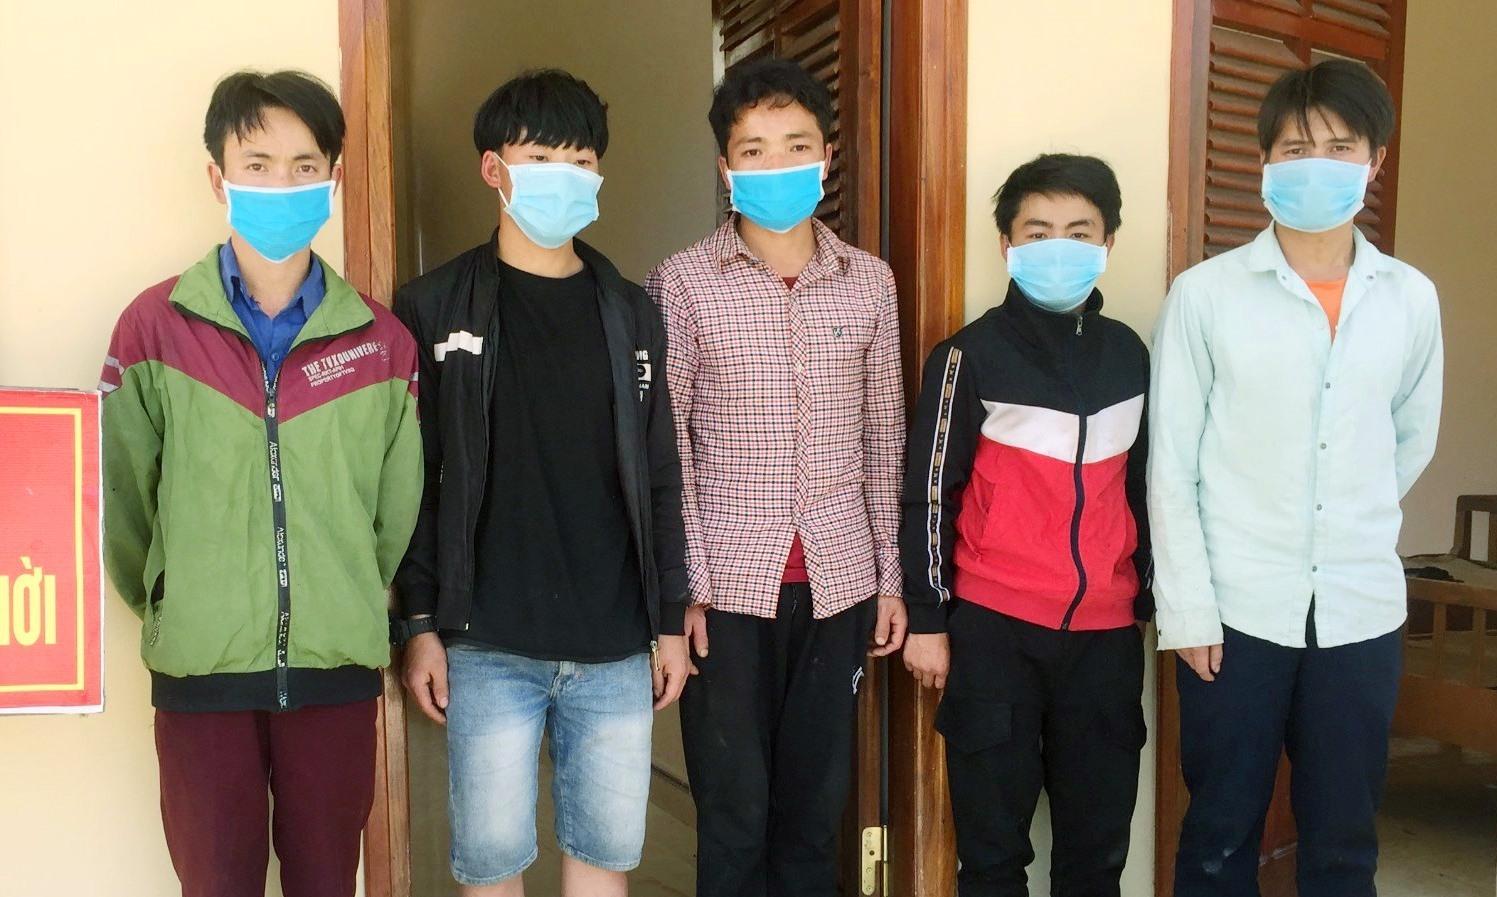 Năm người vượt biên trái phép cùng trú tỉnh Lai Châu. Ảnh: H.A